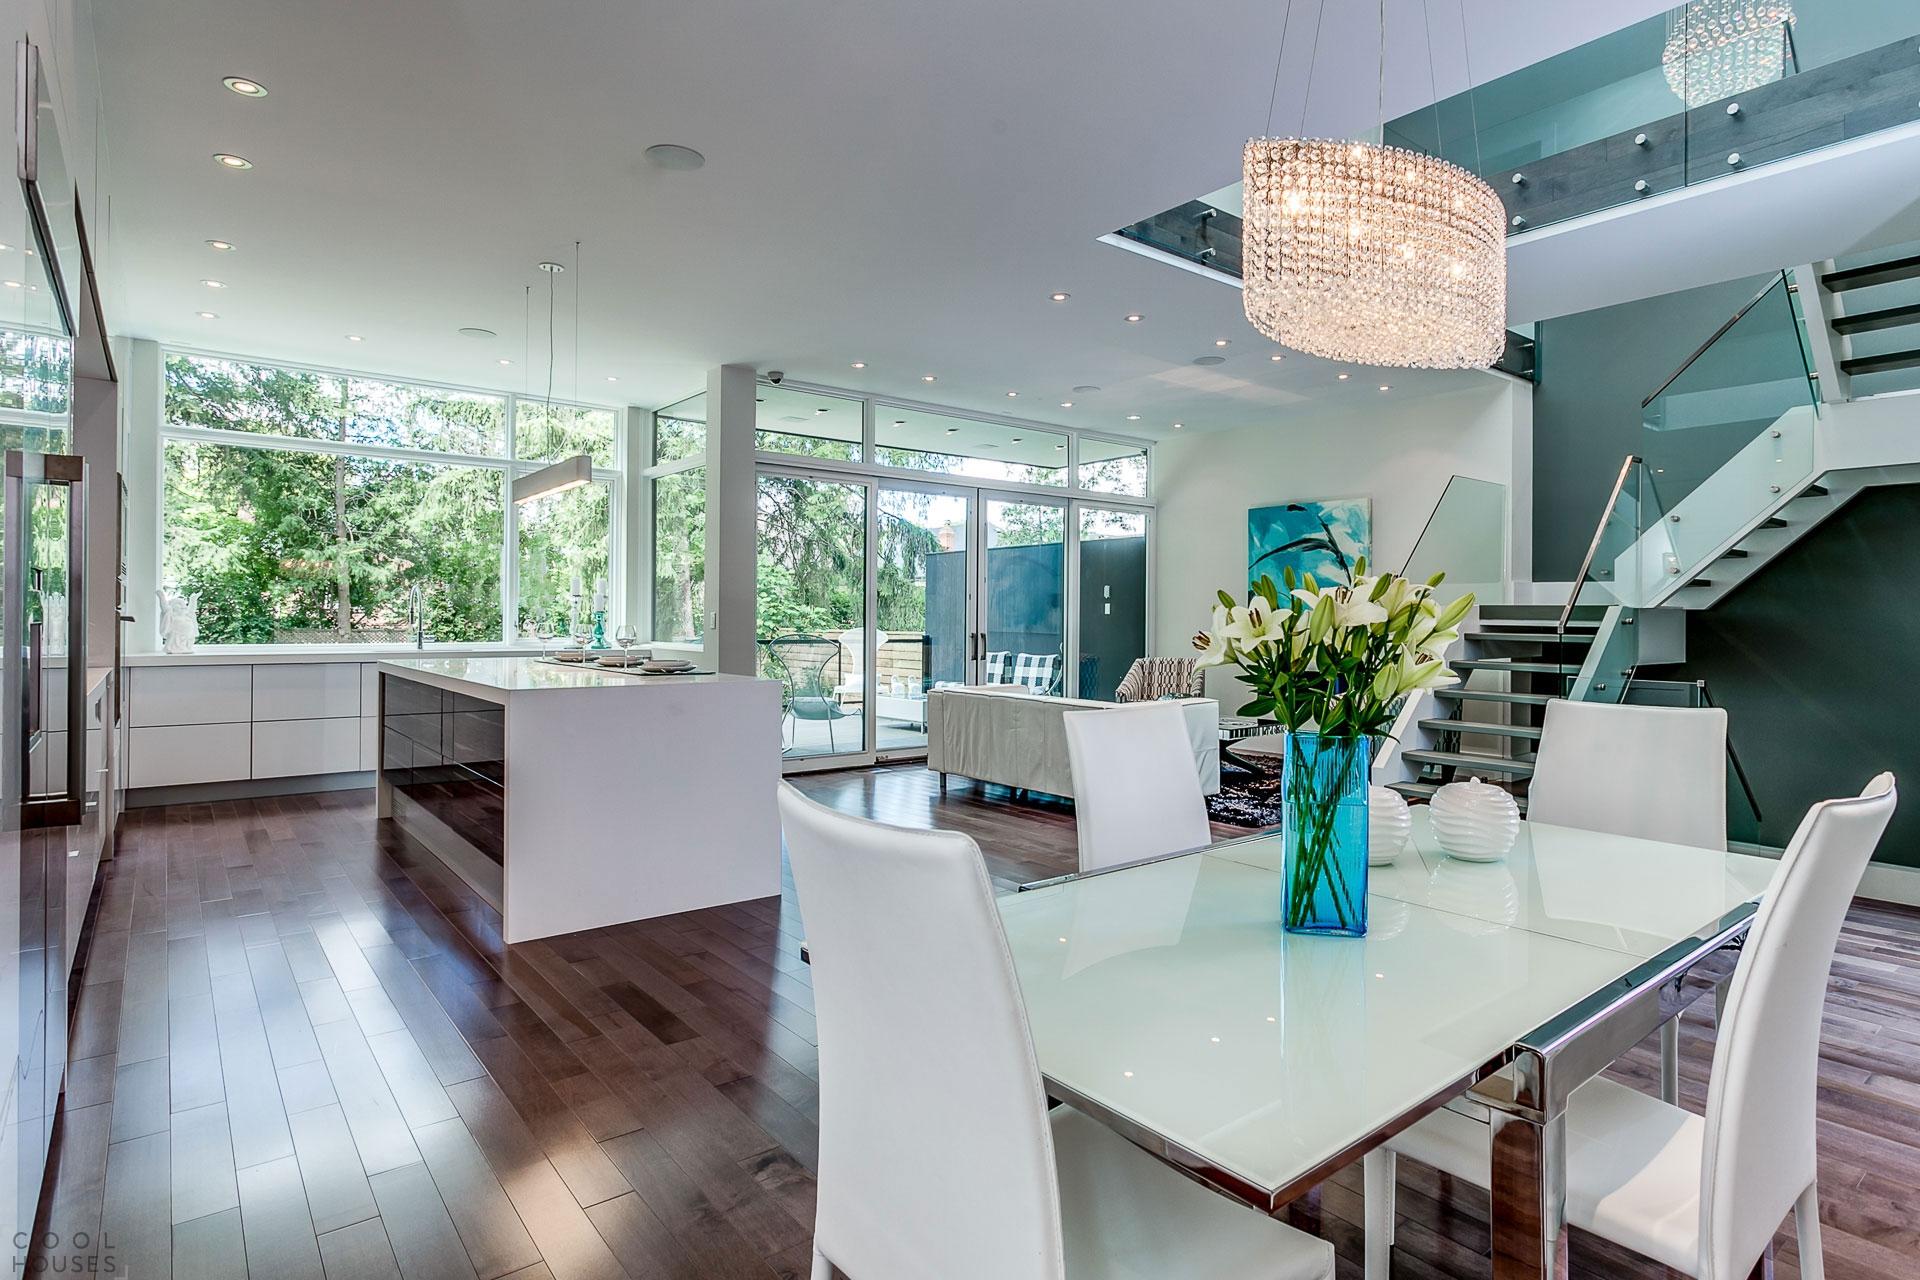 Двухэтажный дом со стильным светлым интерьером, Канада